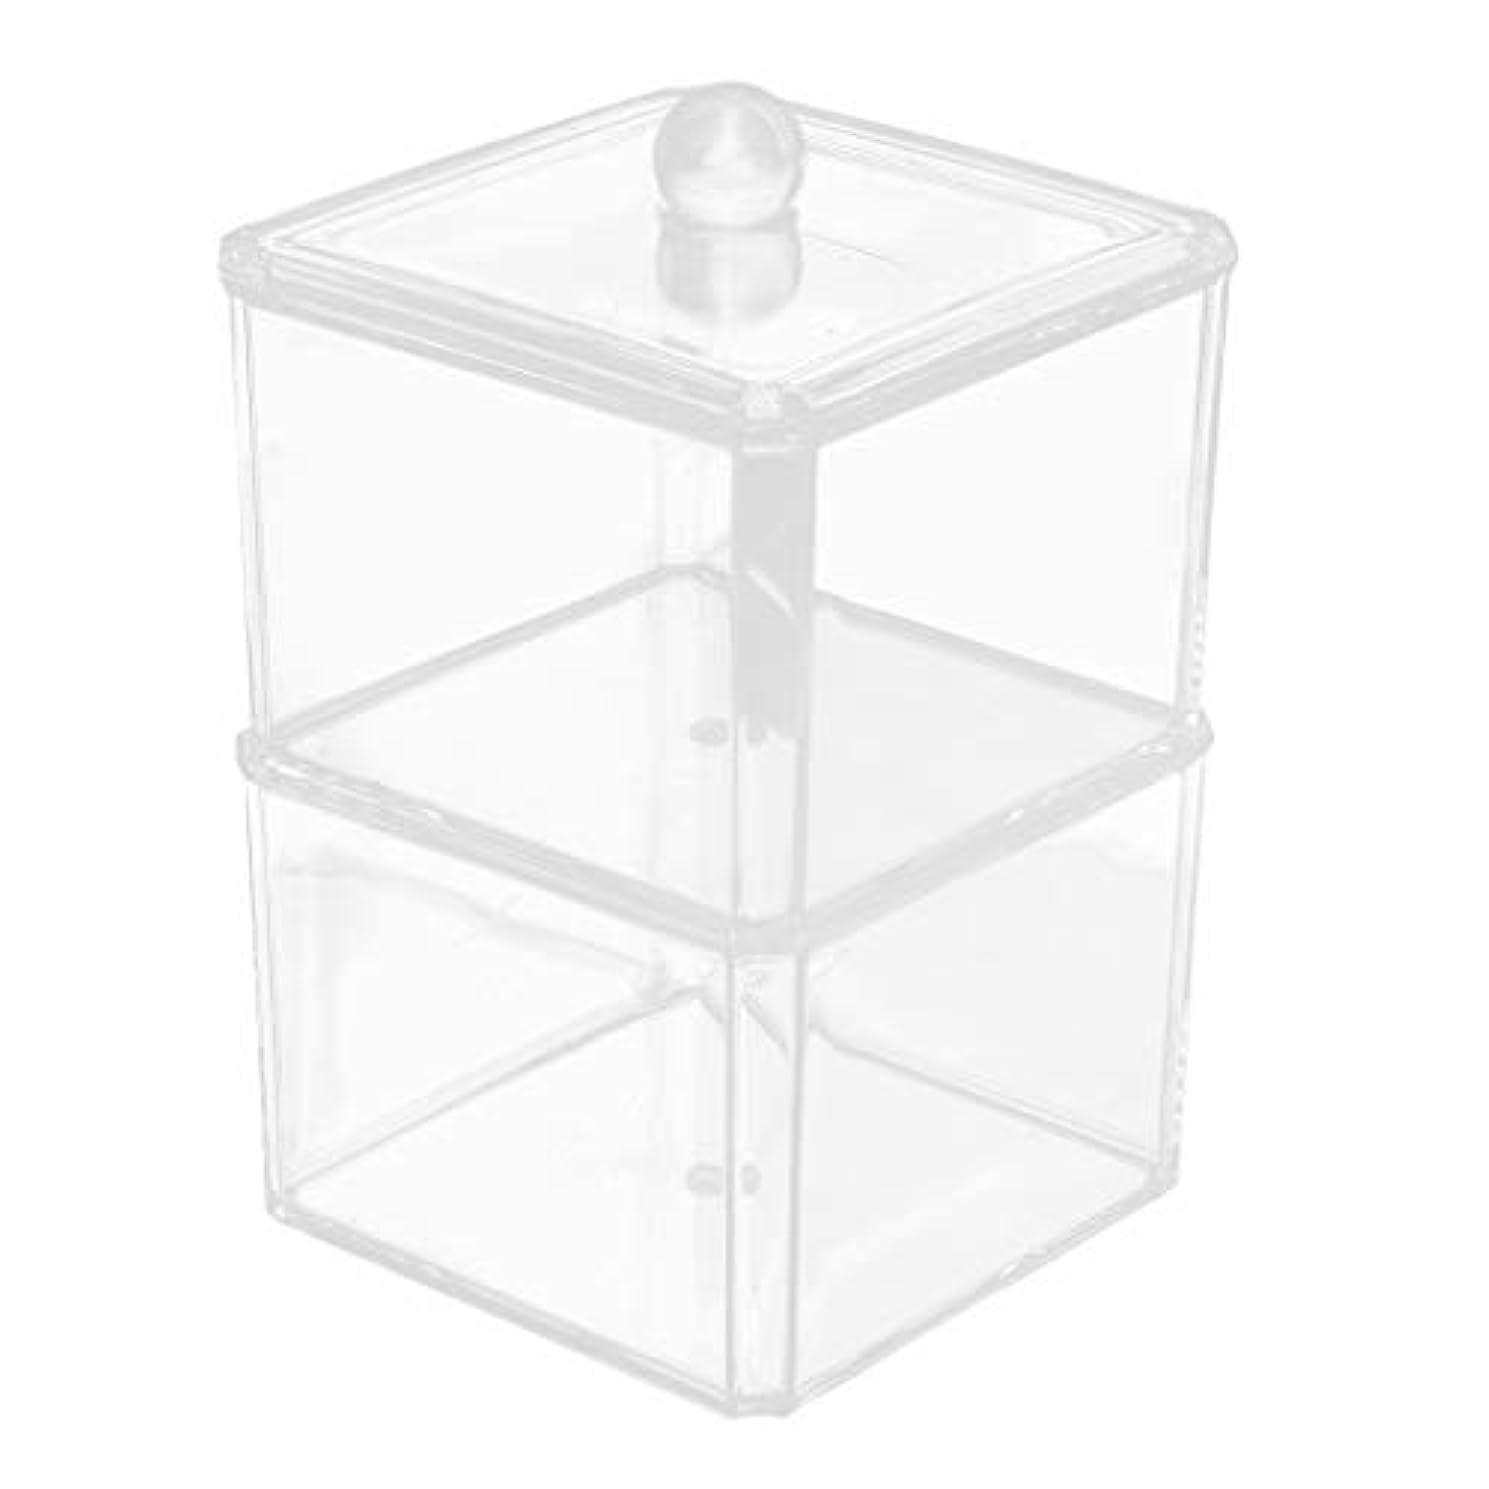 置くためにパック恒久的耐えるB Blesiya メイク収納ボックス 綿棒 化粧品 コットンスティック ボックス 蓋付き 全7サイズ - C